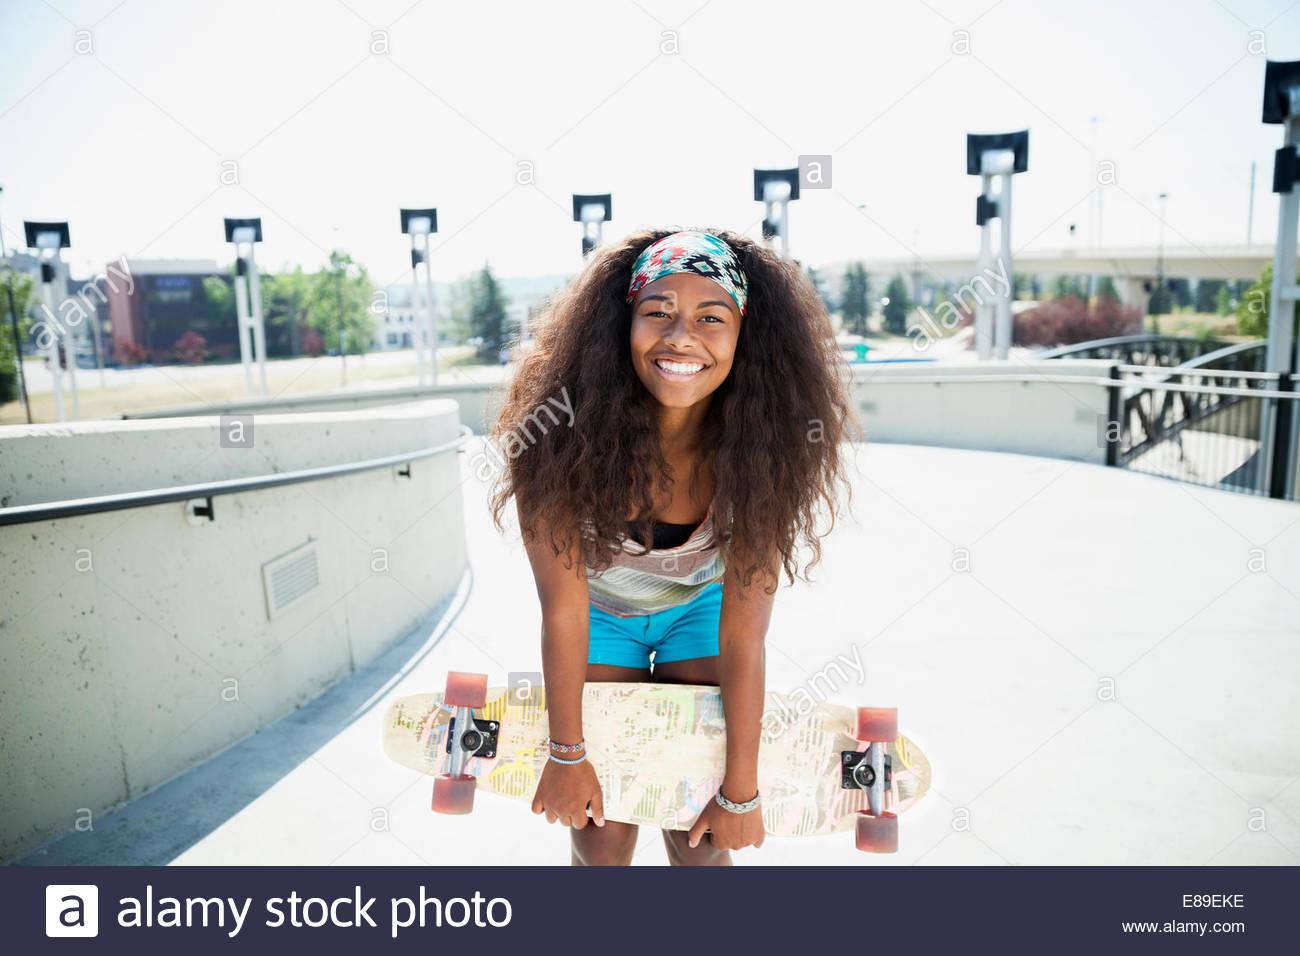 Porträt von Teenager-Mädchen halten skateboard Stockbild